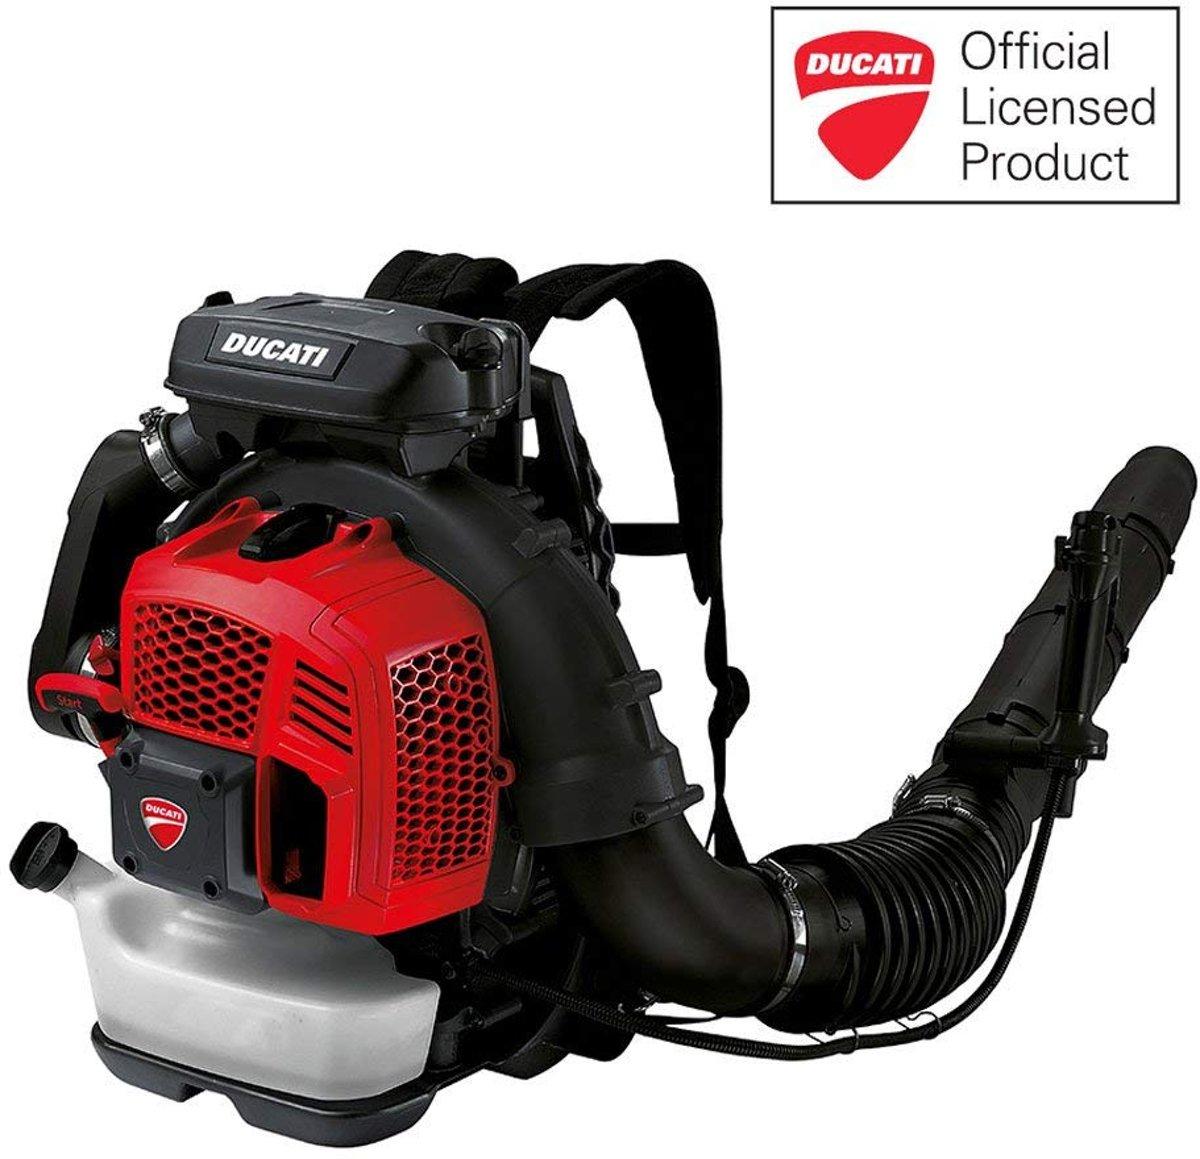 Ducati DBL-BP 7600 benzine rugbladblazer 385 km/h - 3100W